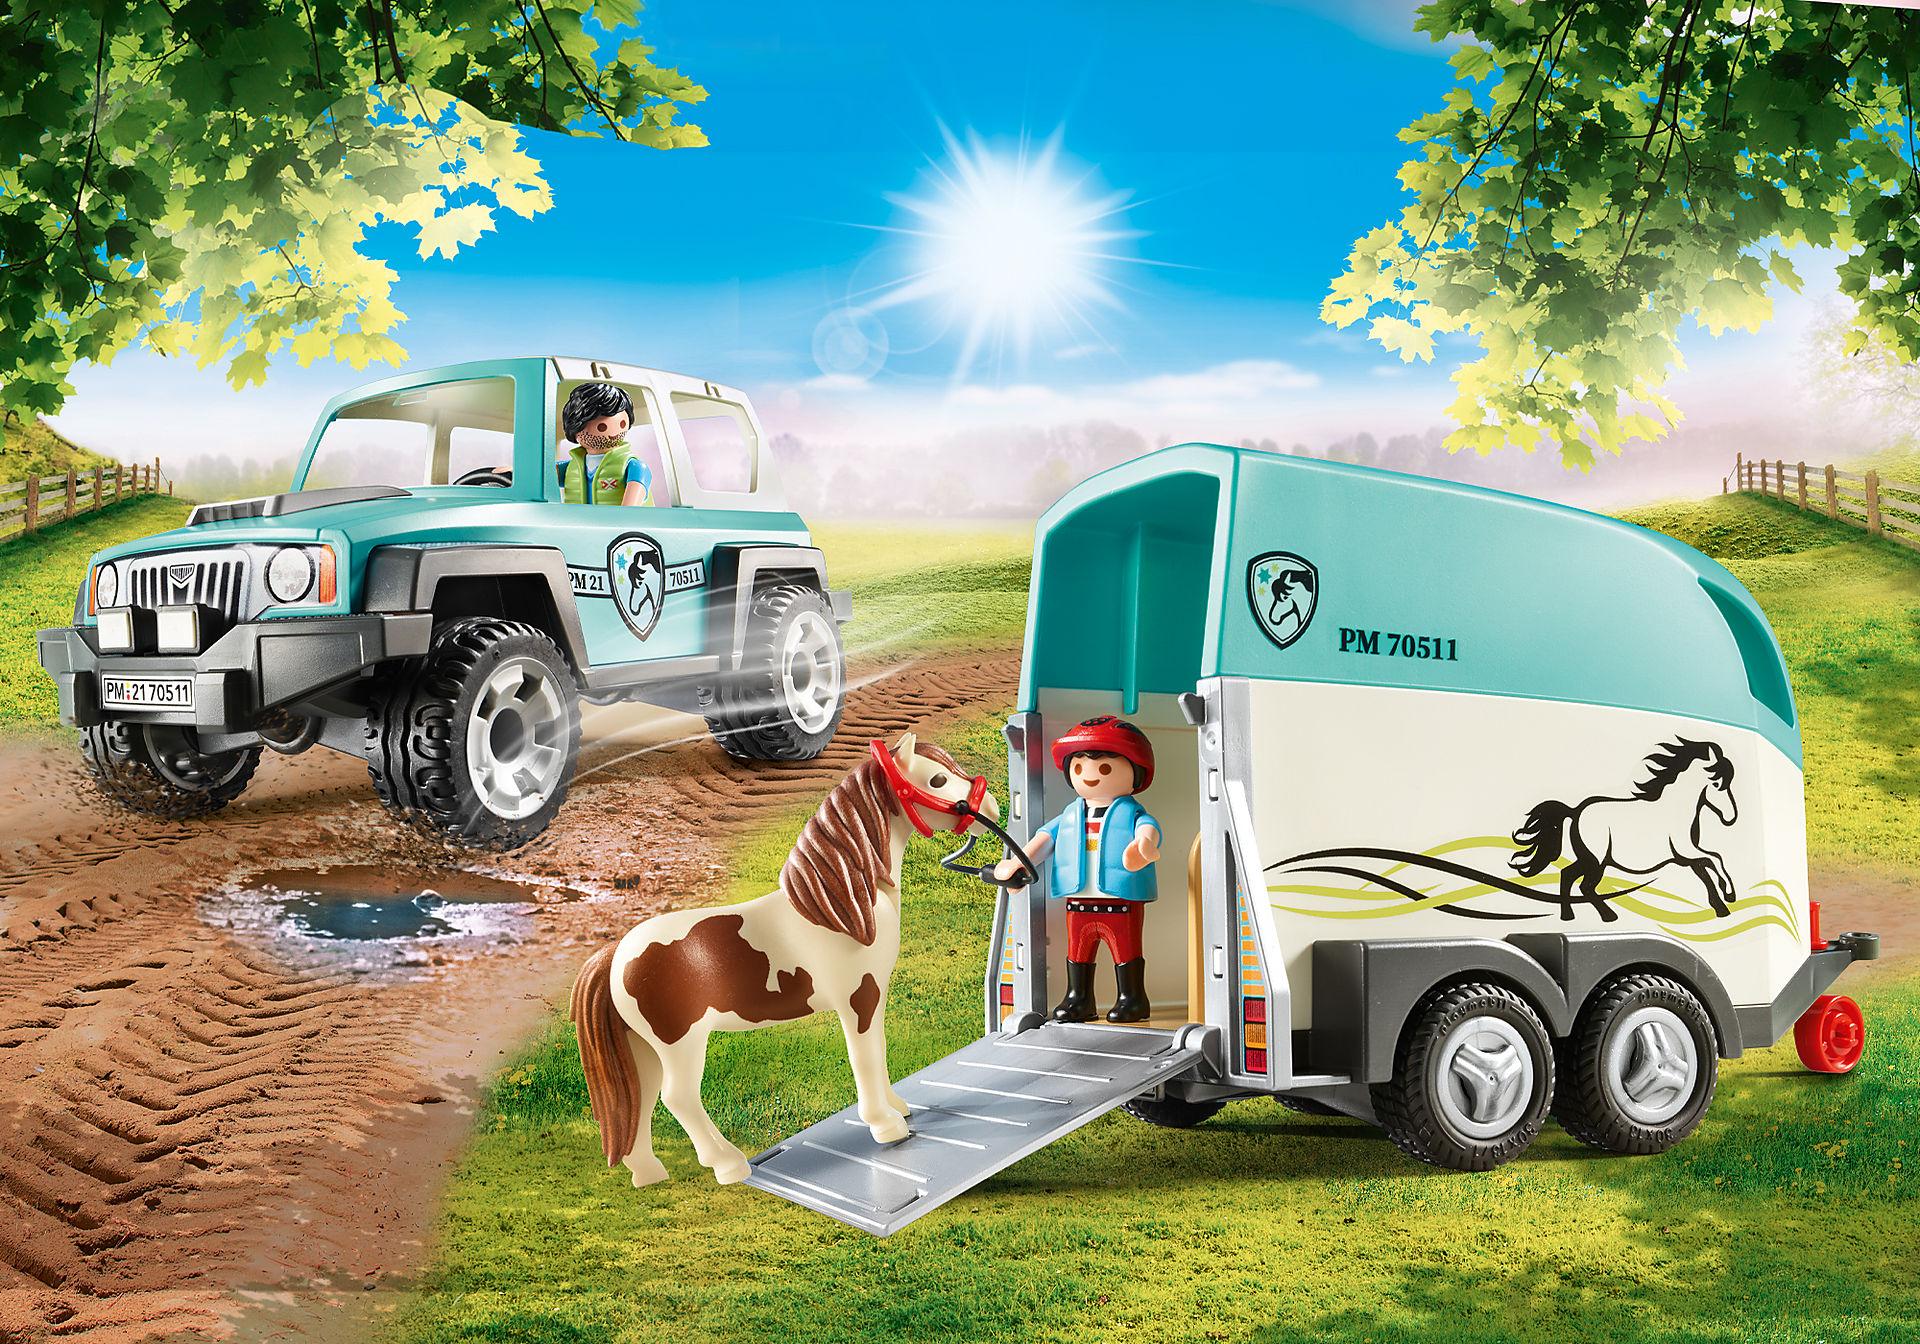 70511 Lastbil med ponyanhænger zoom image1